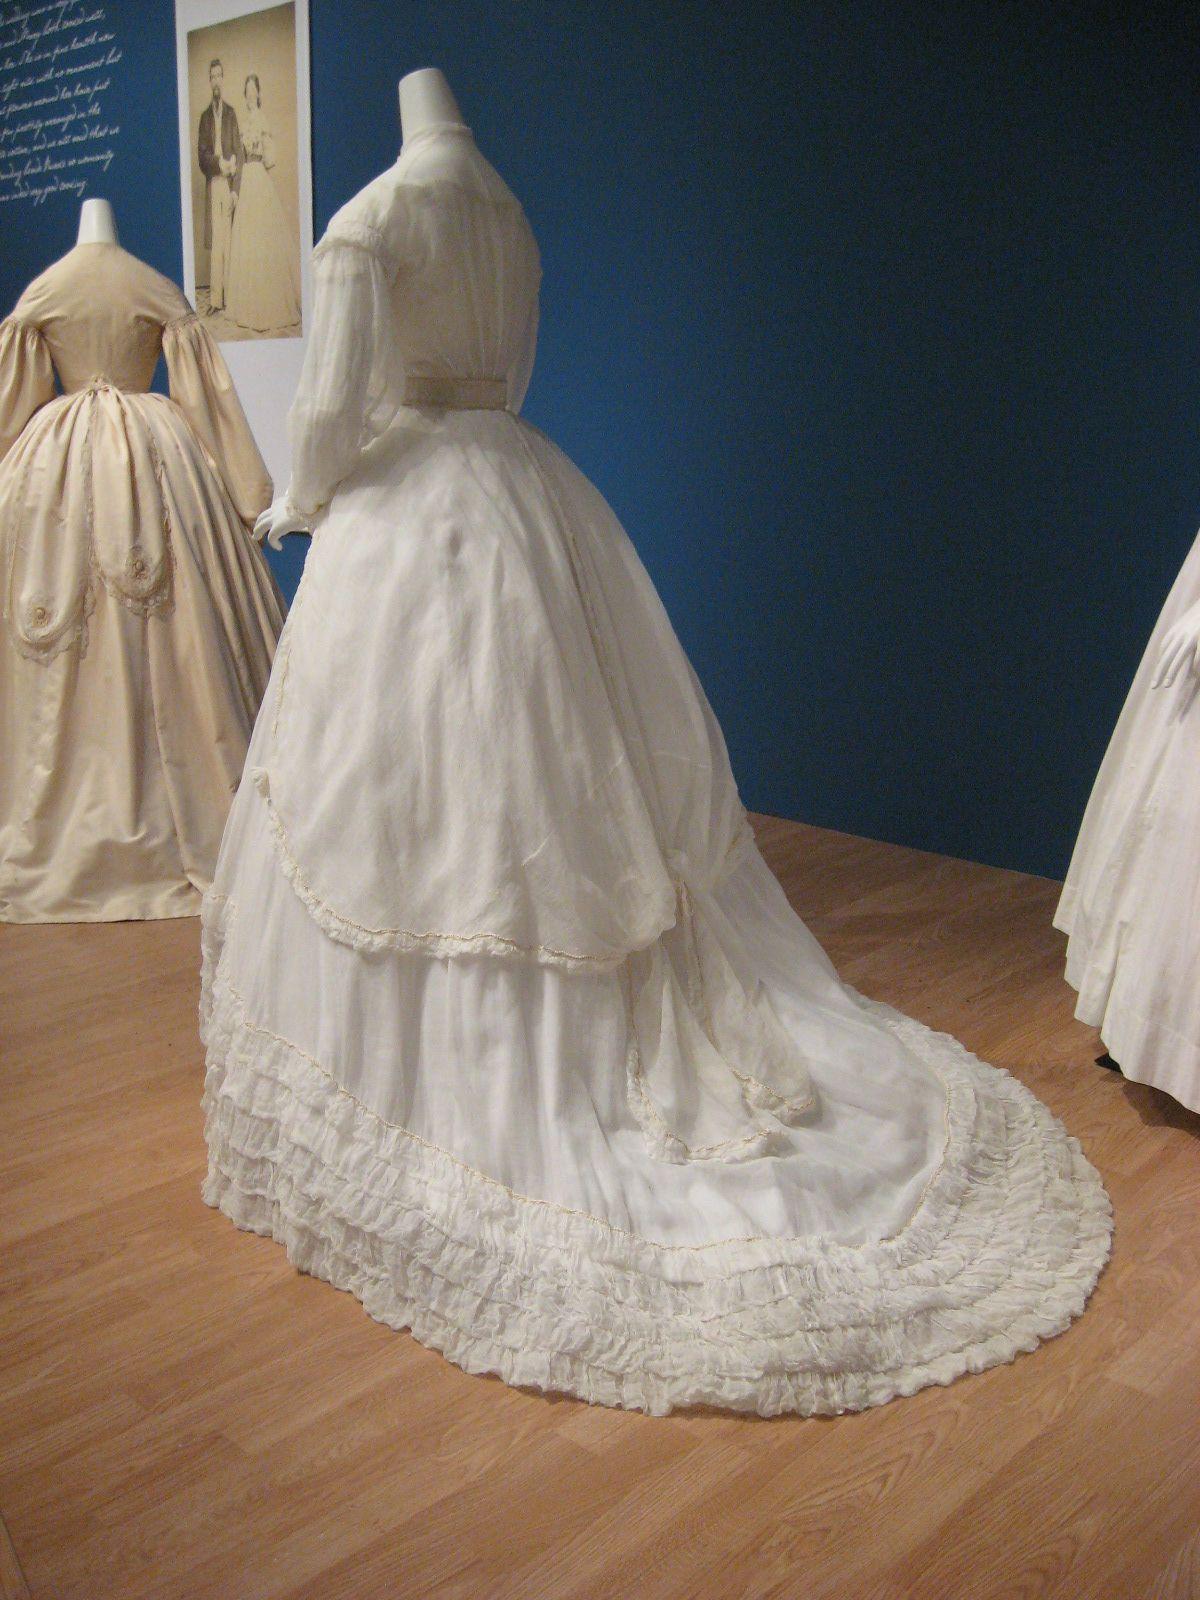 ksmf cotton gauze wedding gown satin belt cotton